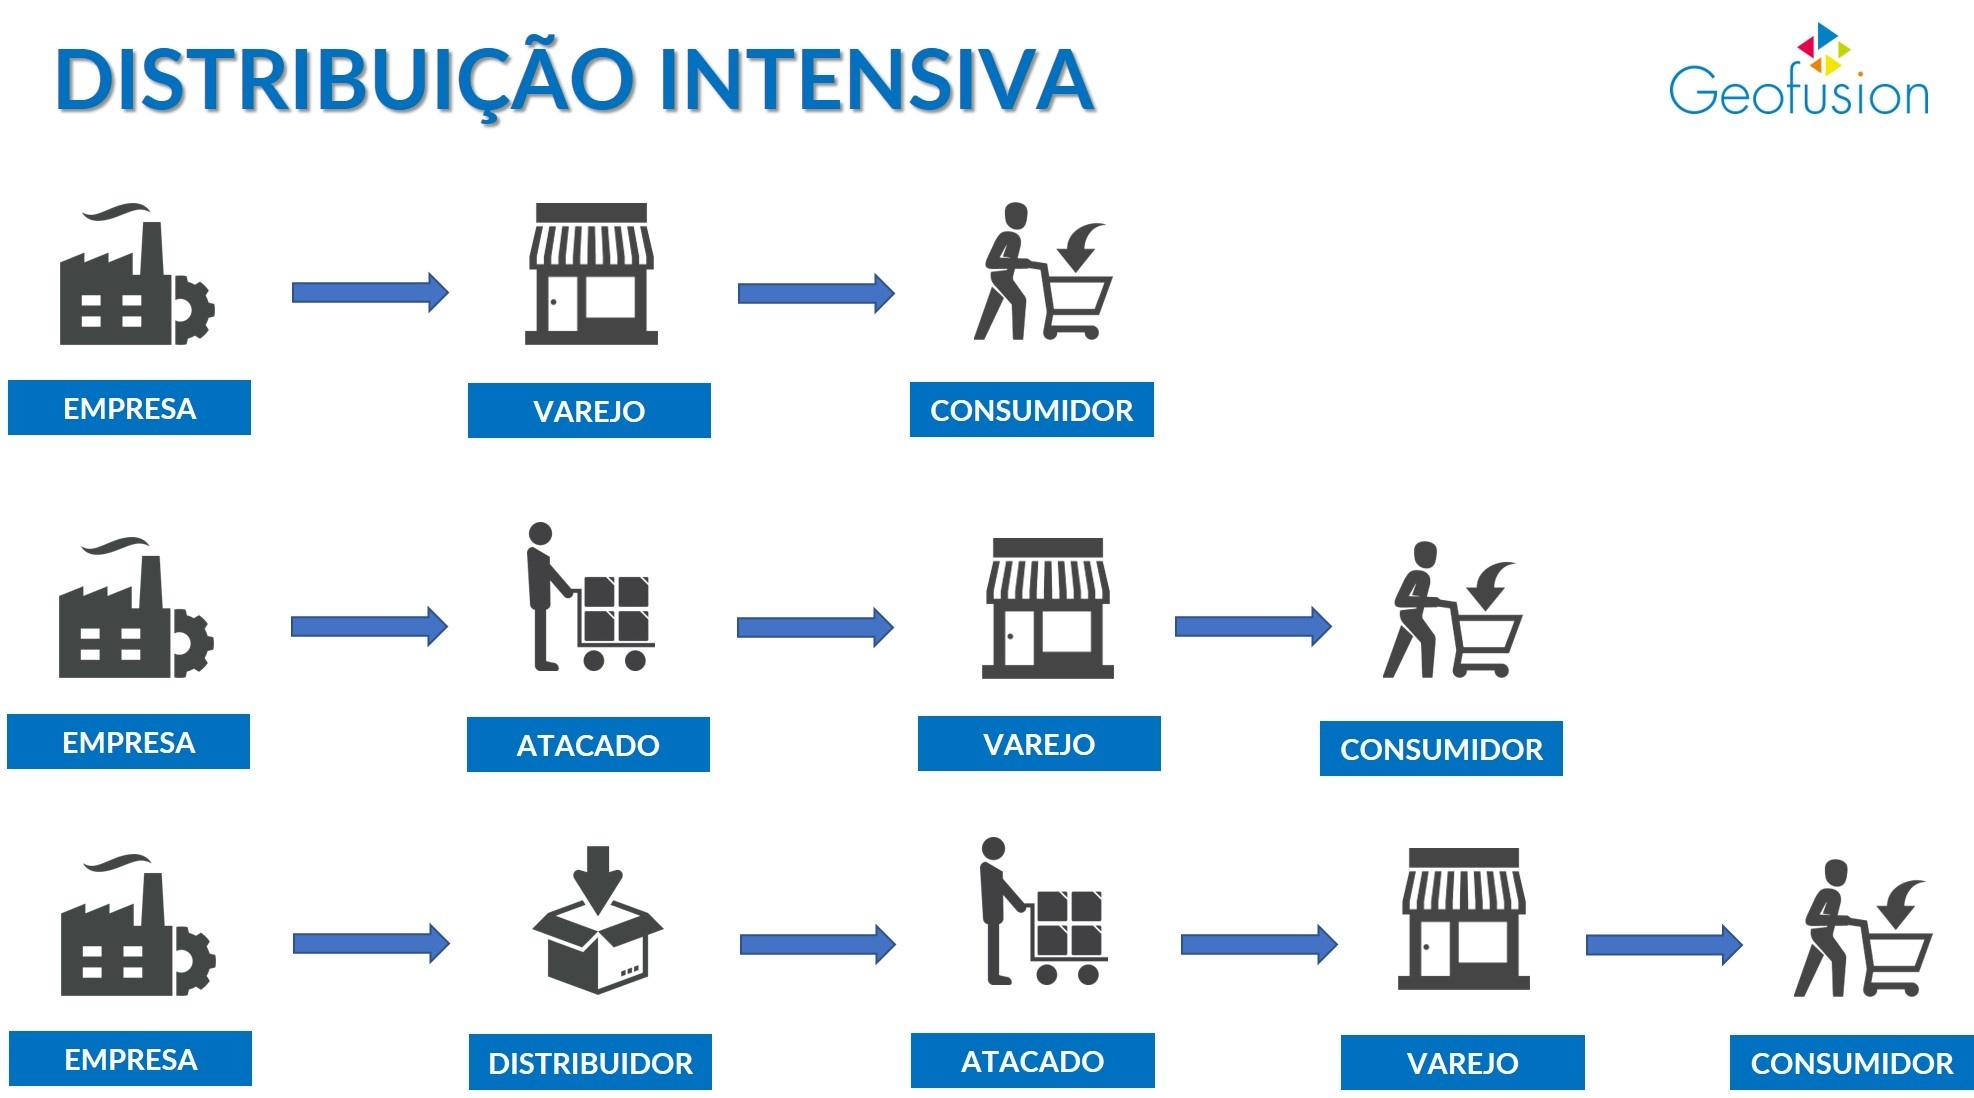 distribuicao-intensiva-intermediarios